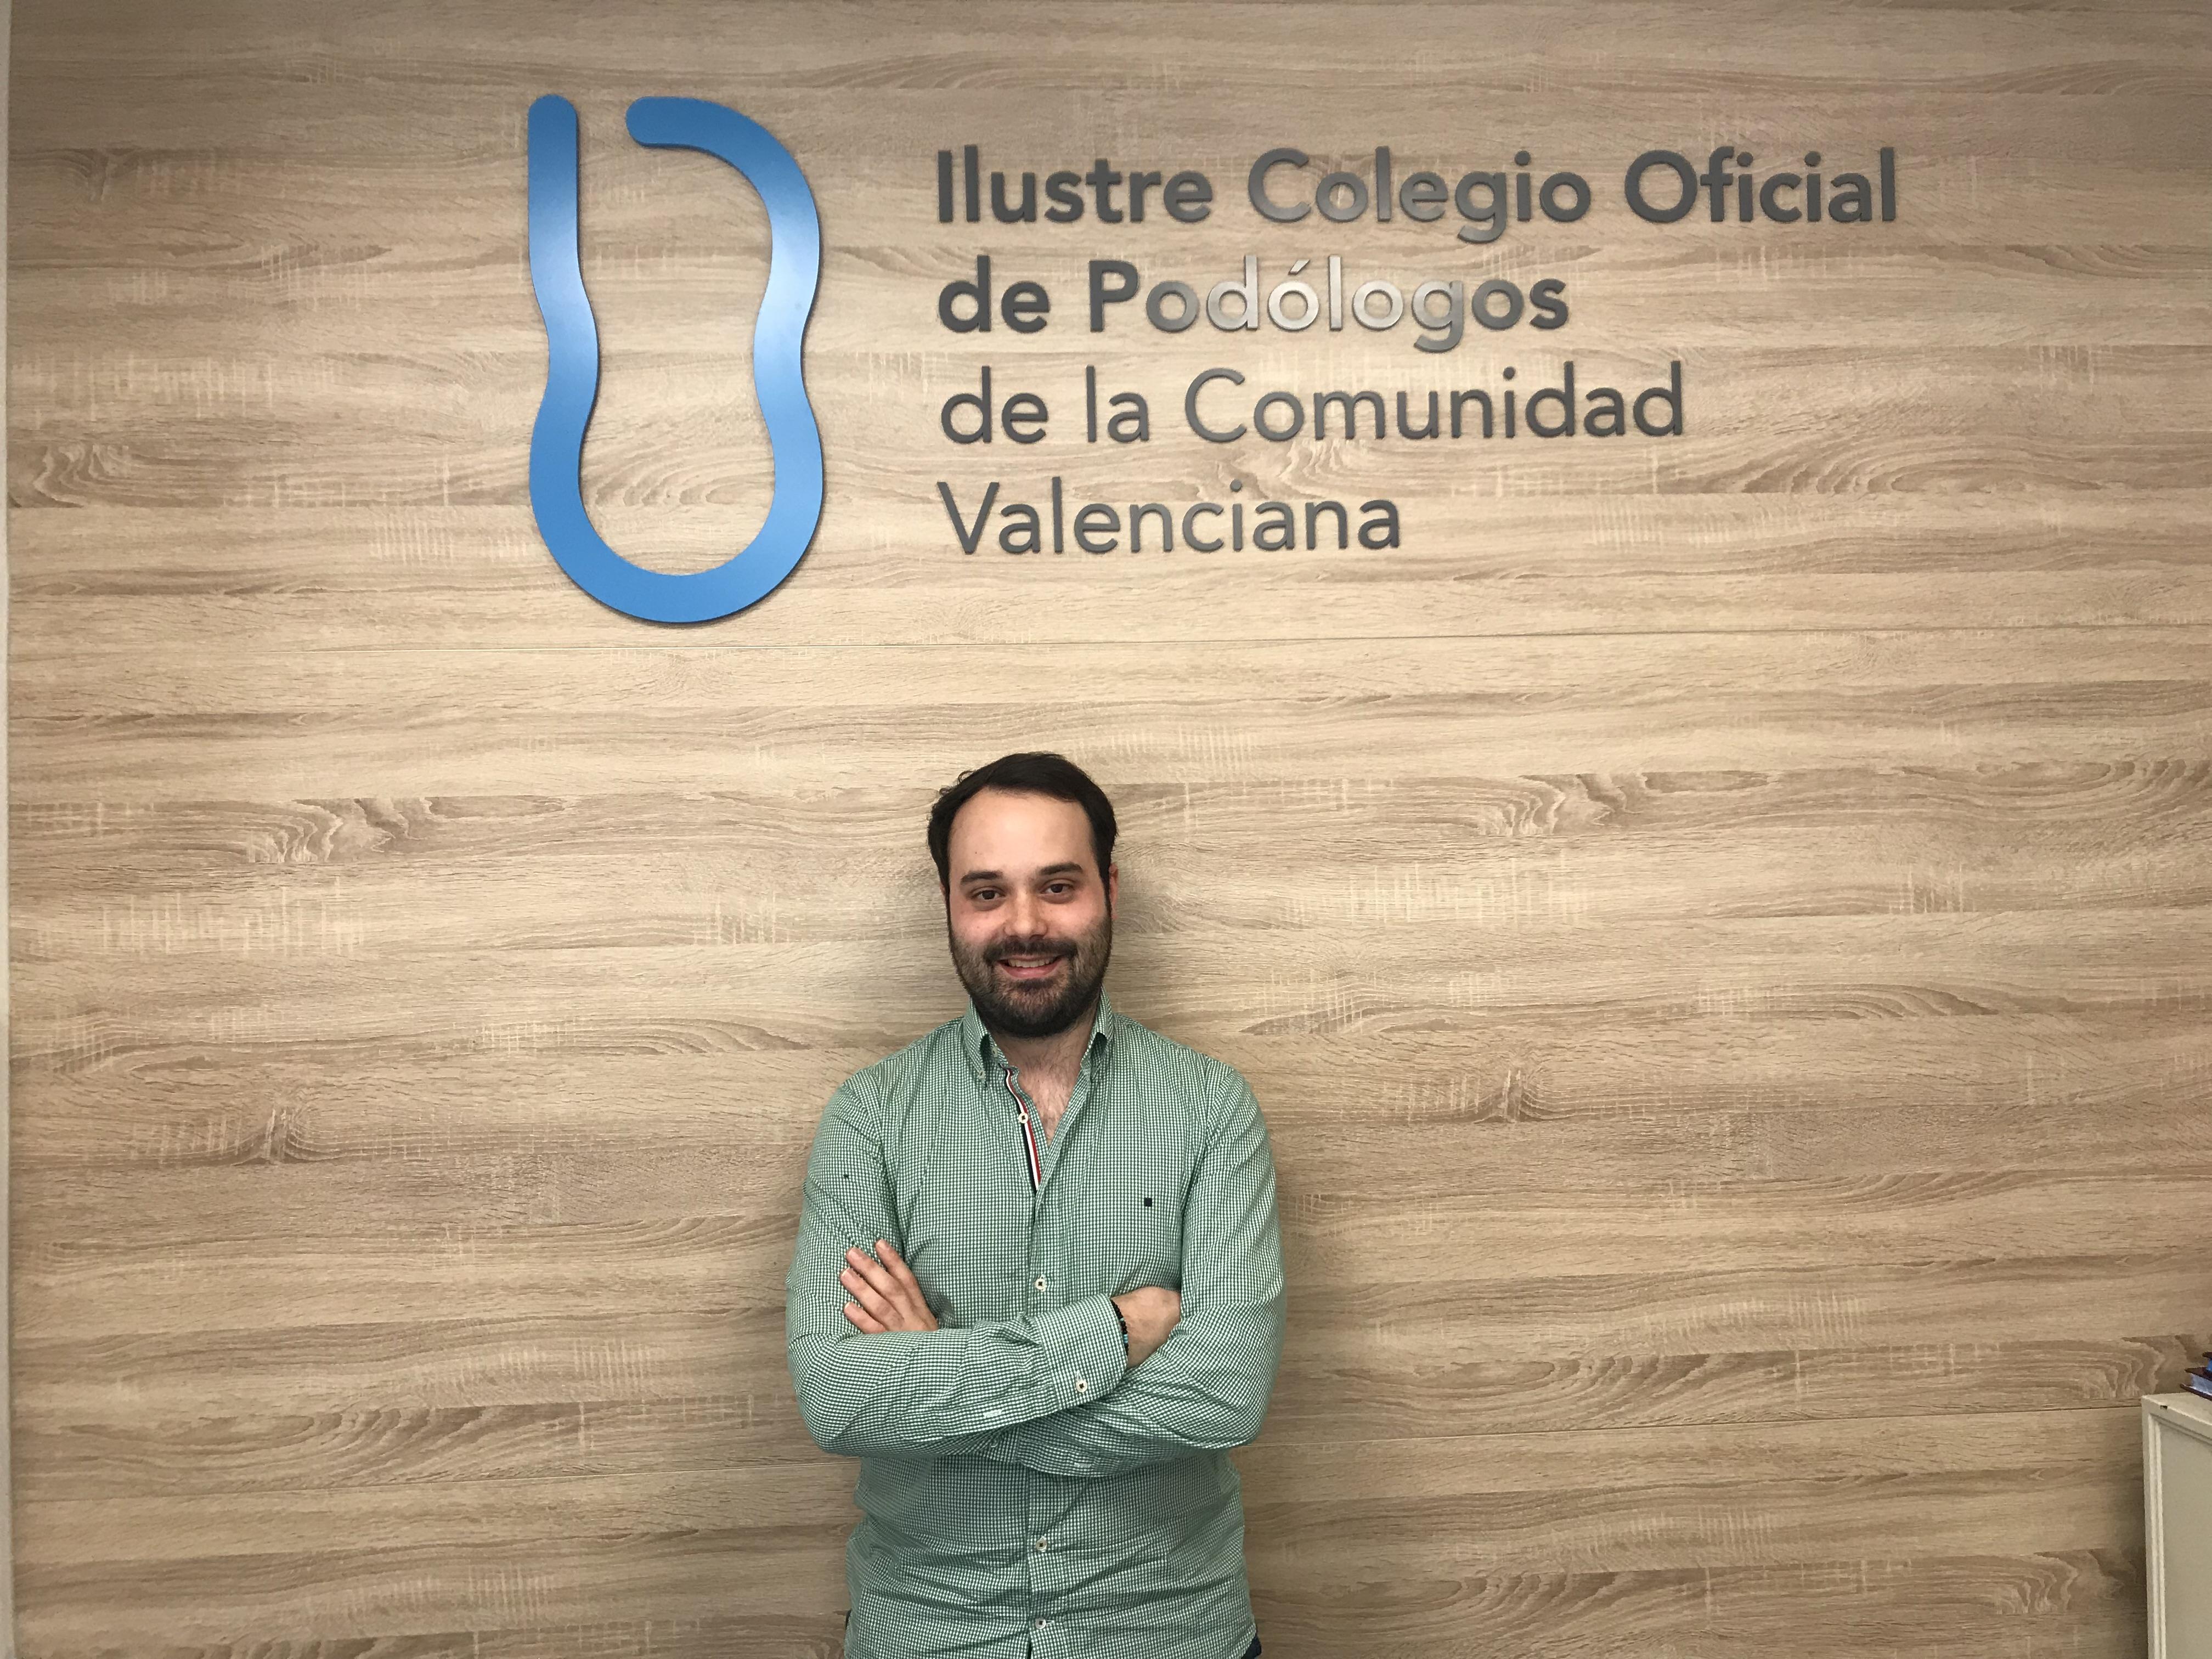 D Antonio Viana García